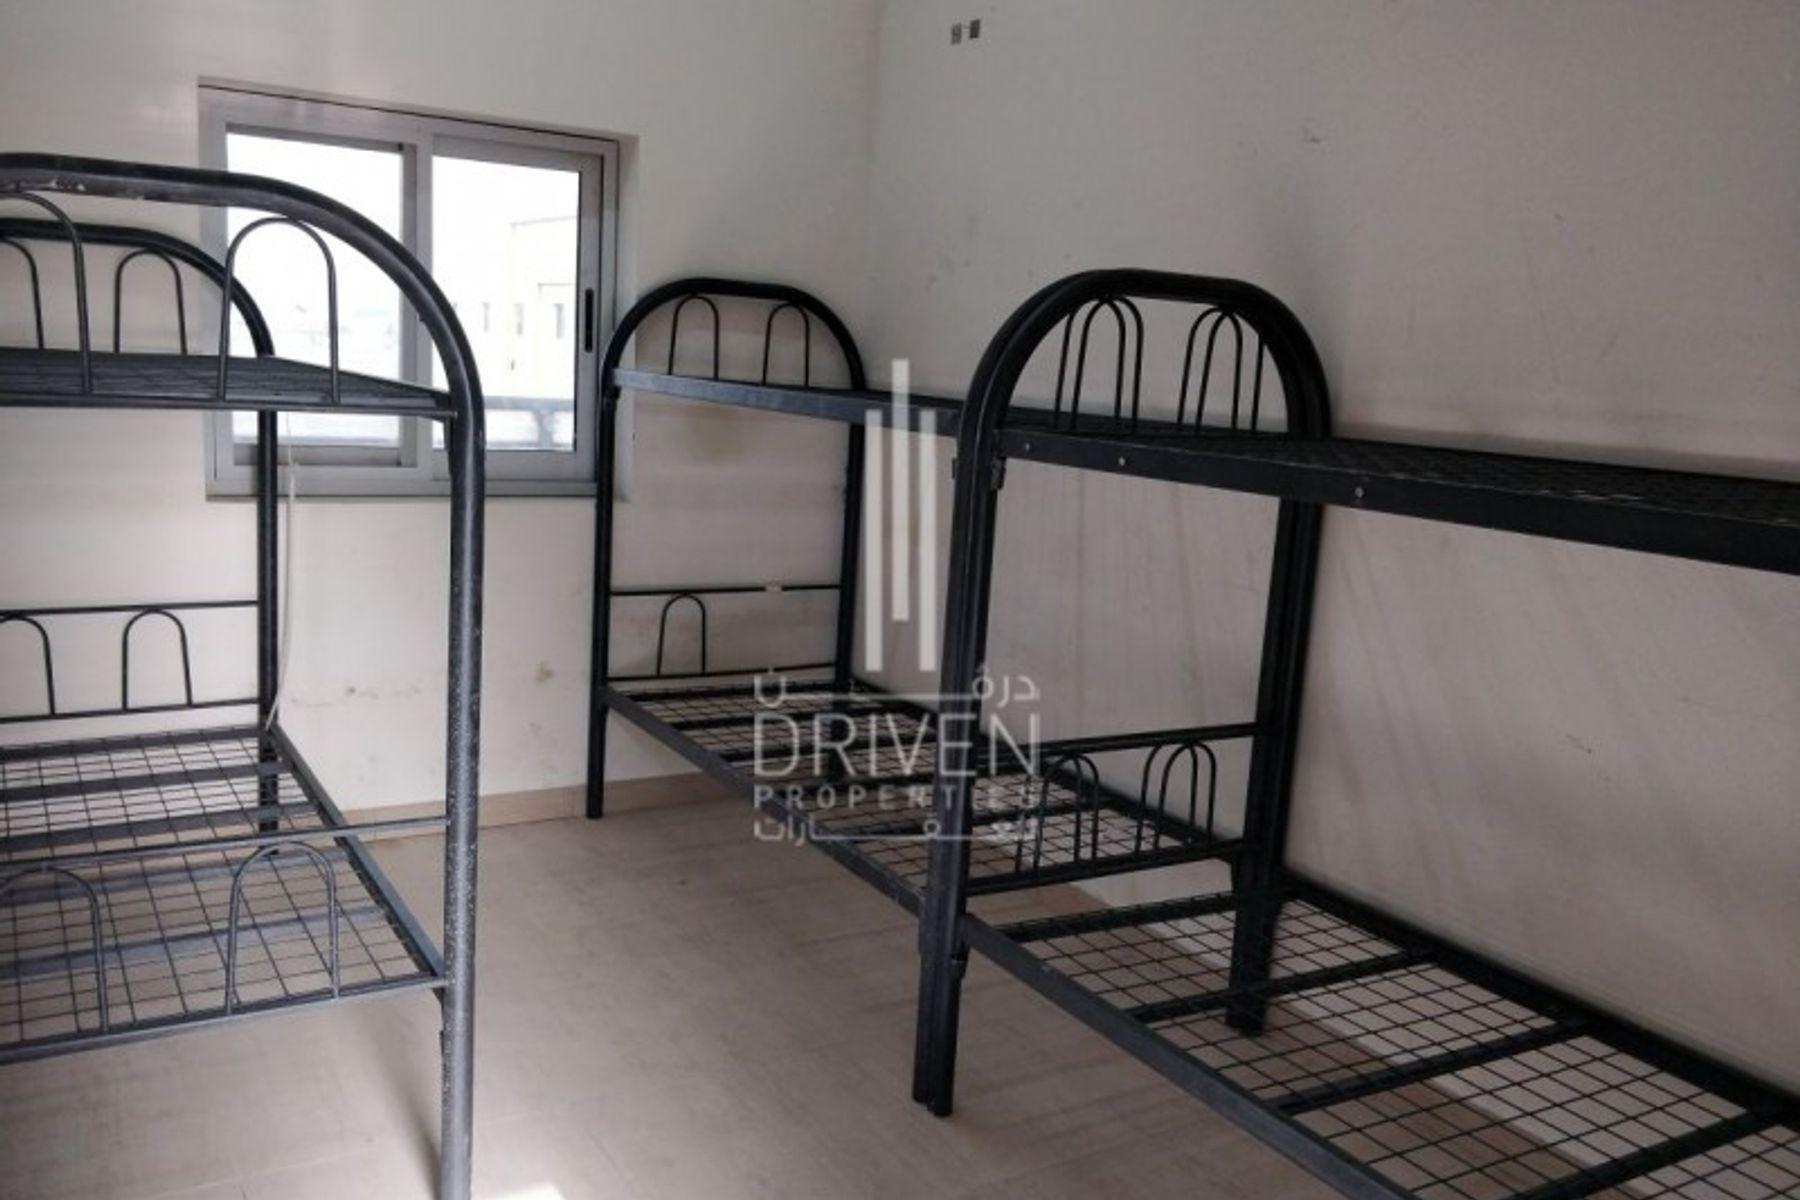 Labour camp for Rent in Al Khail Gate - Al Quoz